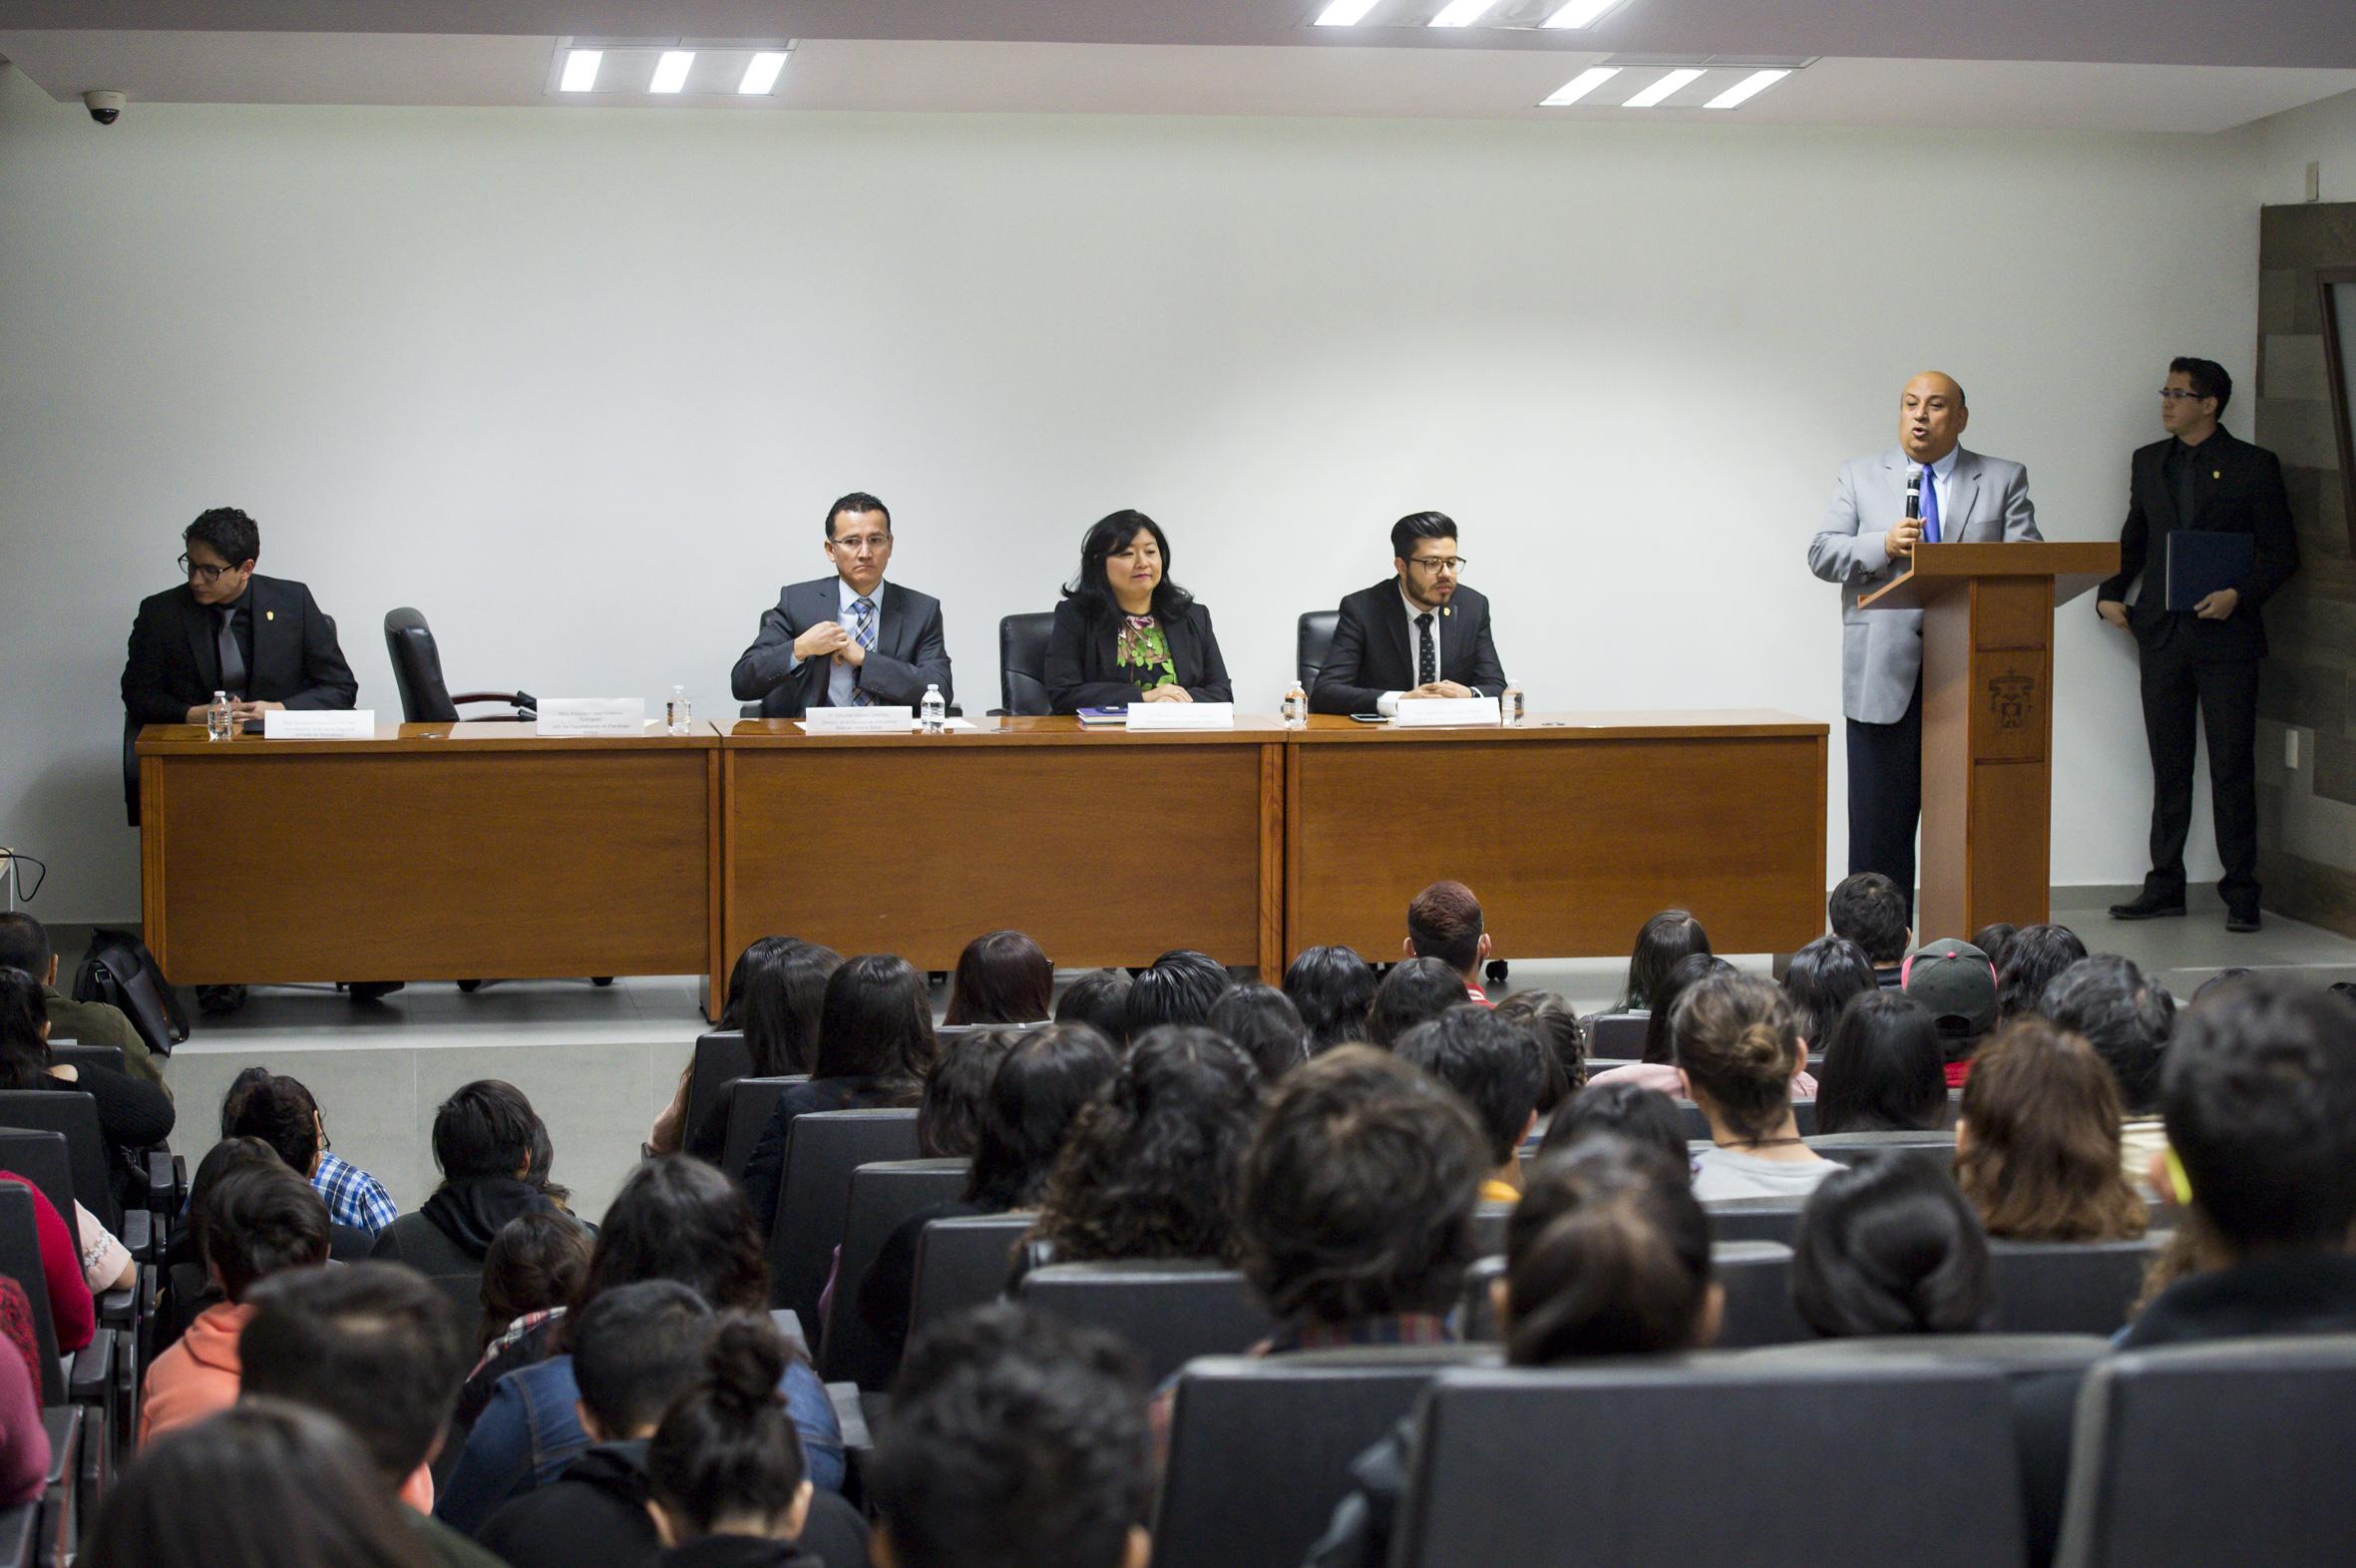 Maestro Francisco José Gutiérrez Rodríguez, Jefe del Departamento de Psicología Básica; en podium del evento, haciendo uso de la palabra, en acto realizado en el auditorio Wenceslao Orozco y Sevilla del CUCS.